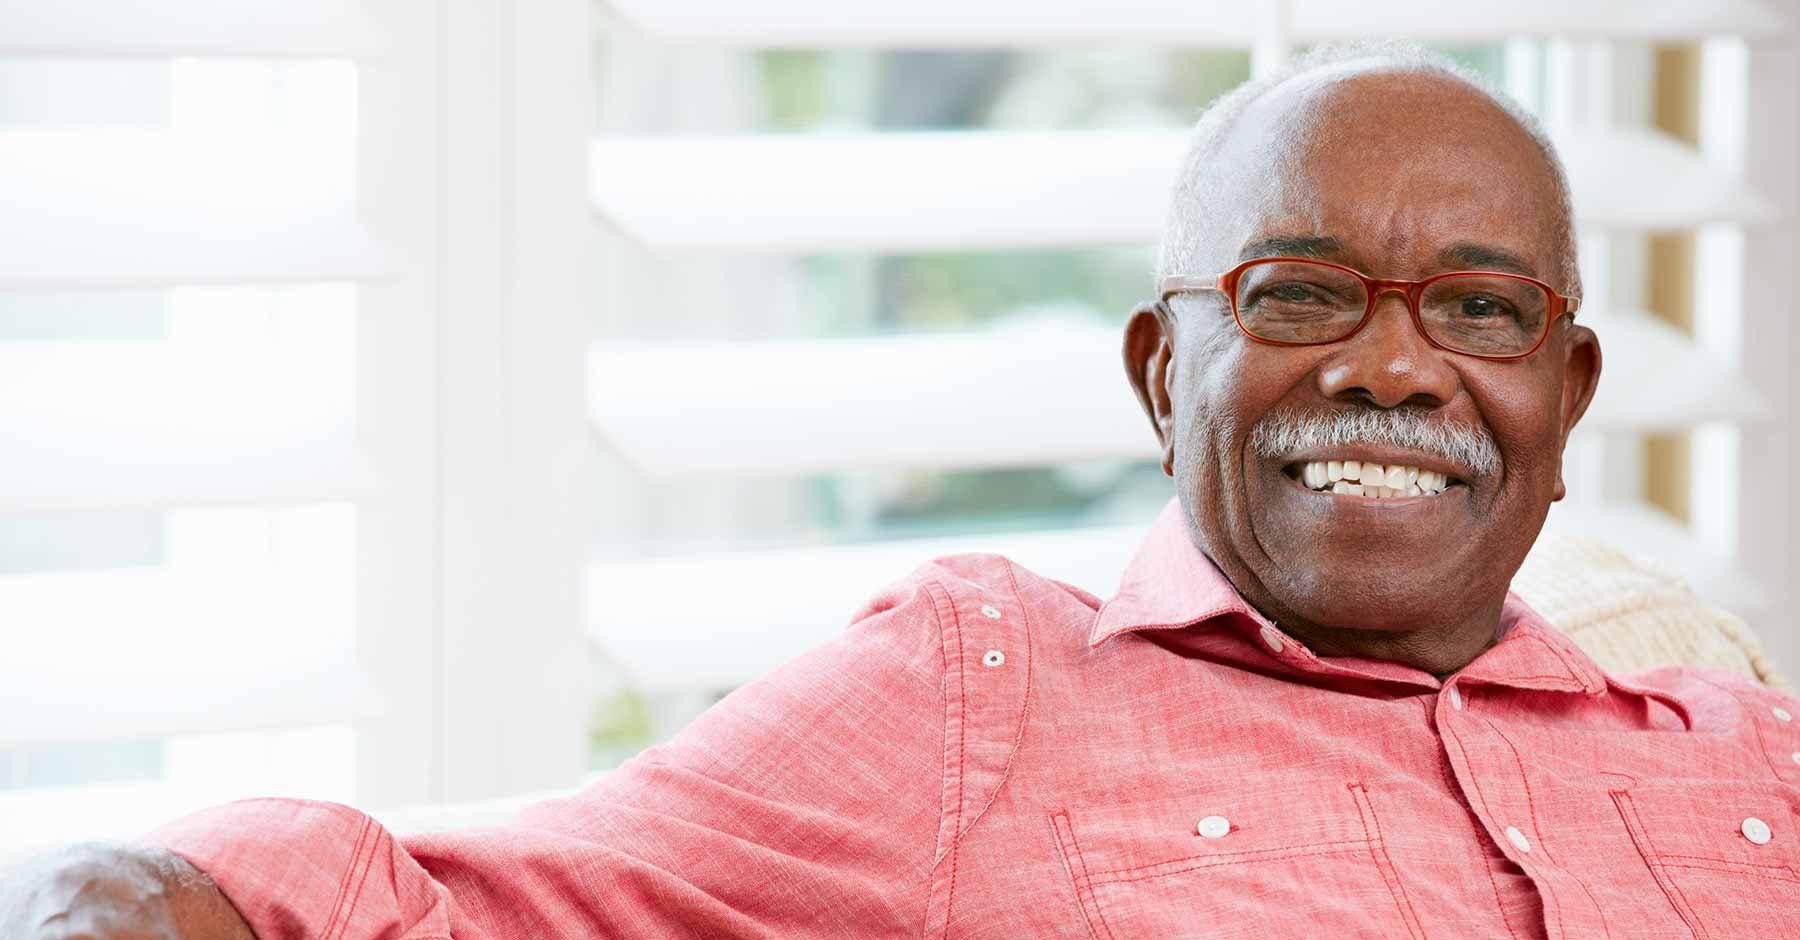 Senior citizen relaxing